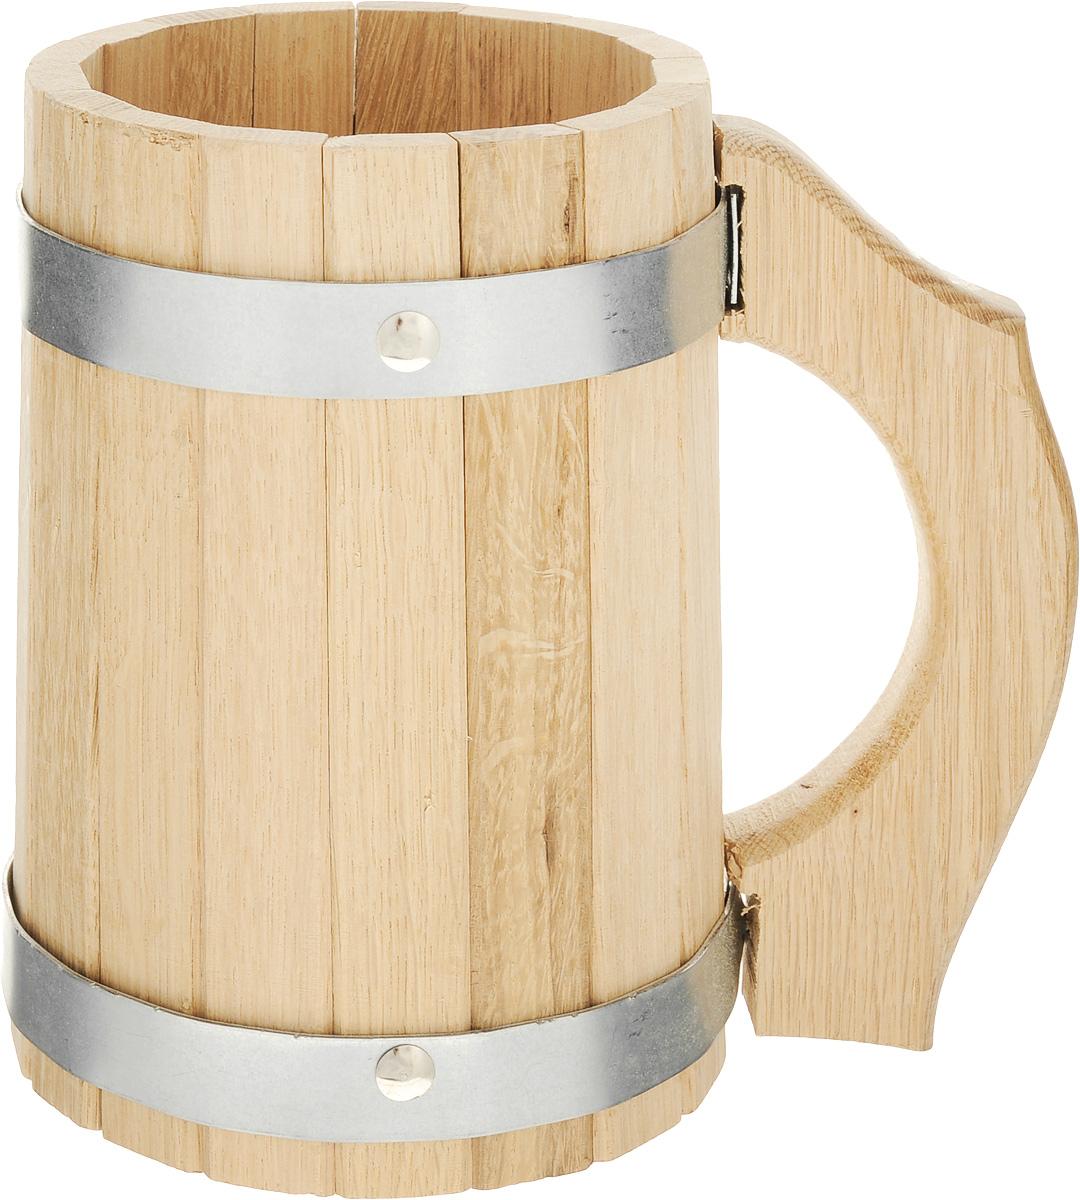 Кружка для бани и сауны Proffi Sauna, 2 лPS0051Кружка Proffi Sauna выполнена из натурального дуба с двумя металлическими обручами и резной ручкой. Она просто незаменима для подачи напитков, приготовления отваров из трав и ароматических масел, также подходит для декора или в качестве сувенира. Объем кружки: 2 л. Диаметр по верхнему краю: 12 см. Высота стенки: 19 см. Длина ручки: 17,5 см.